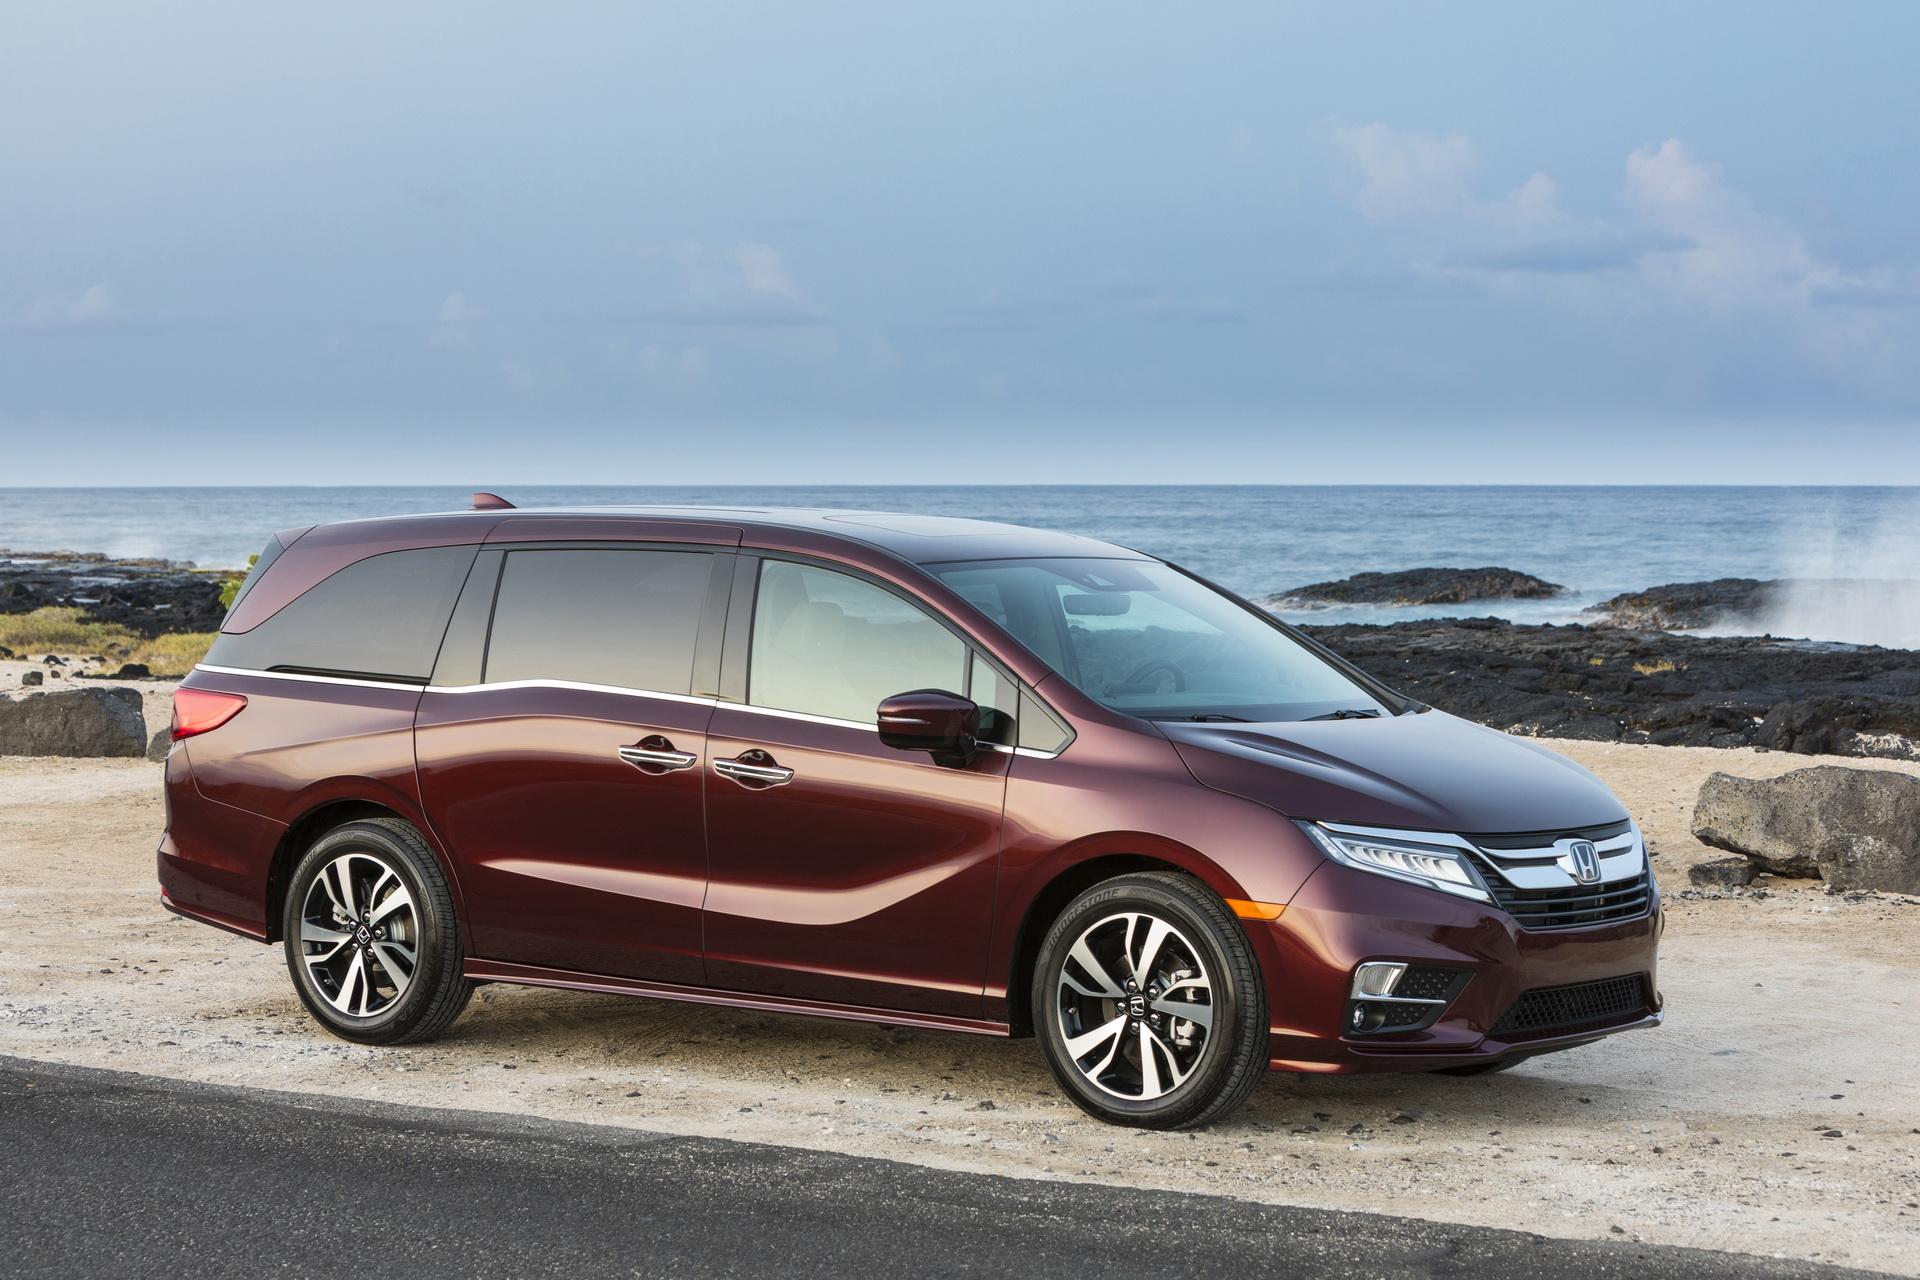 Honda Odyssey 2020 phiên bản đặc biệt nâng cấp - 16